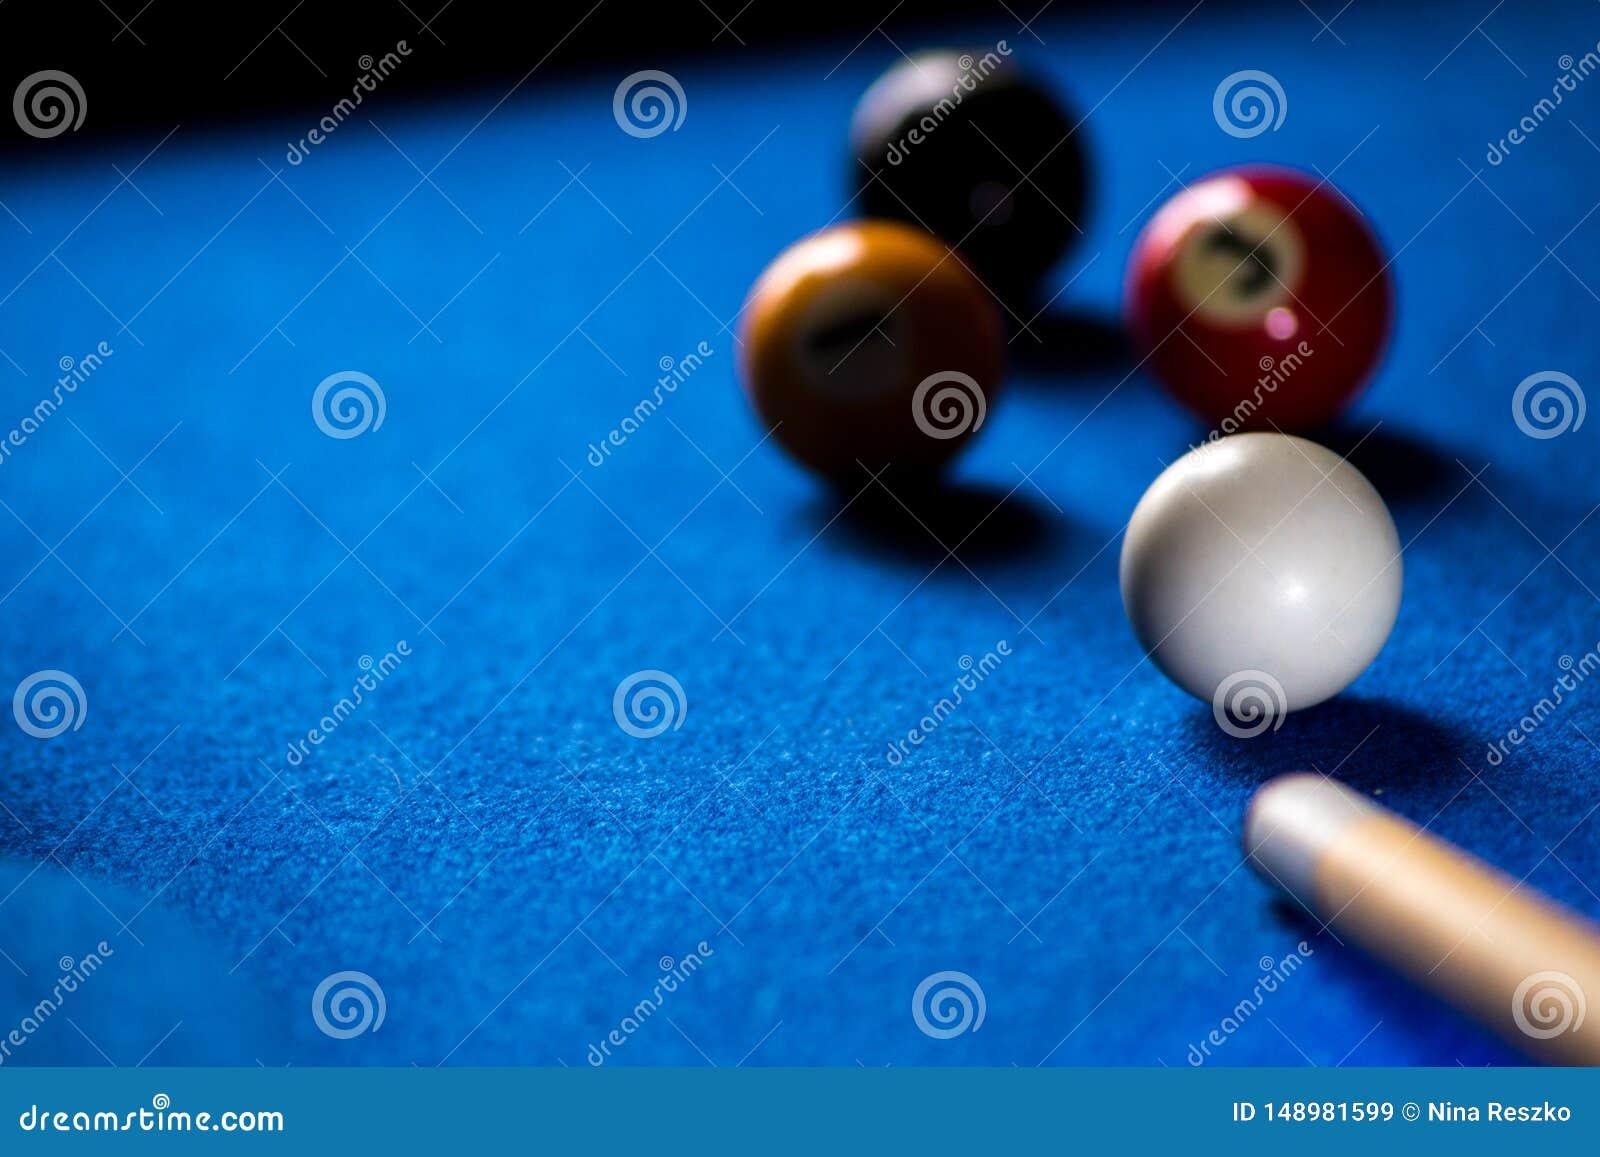 Poolbillardkugeln auf blauem Tabellensport-Spielsatz Snooker, Poolspiel